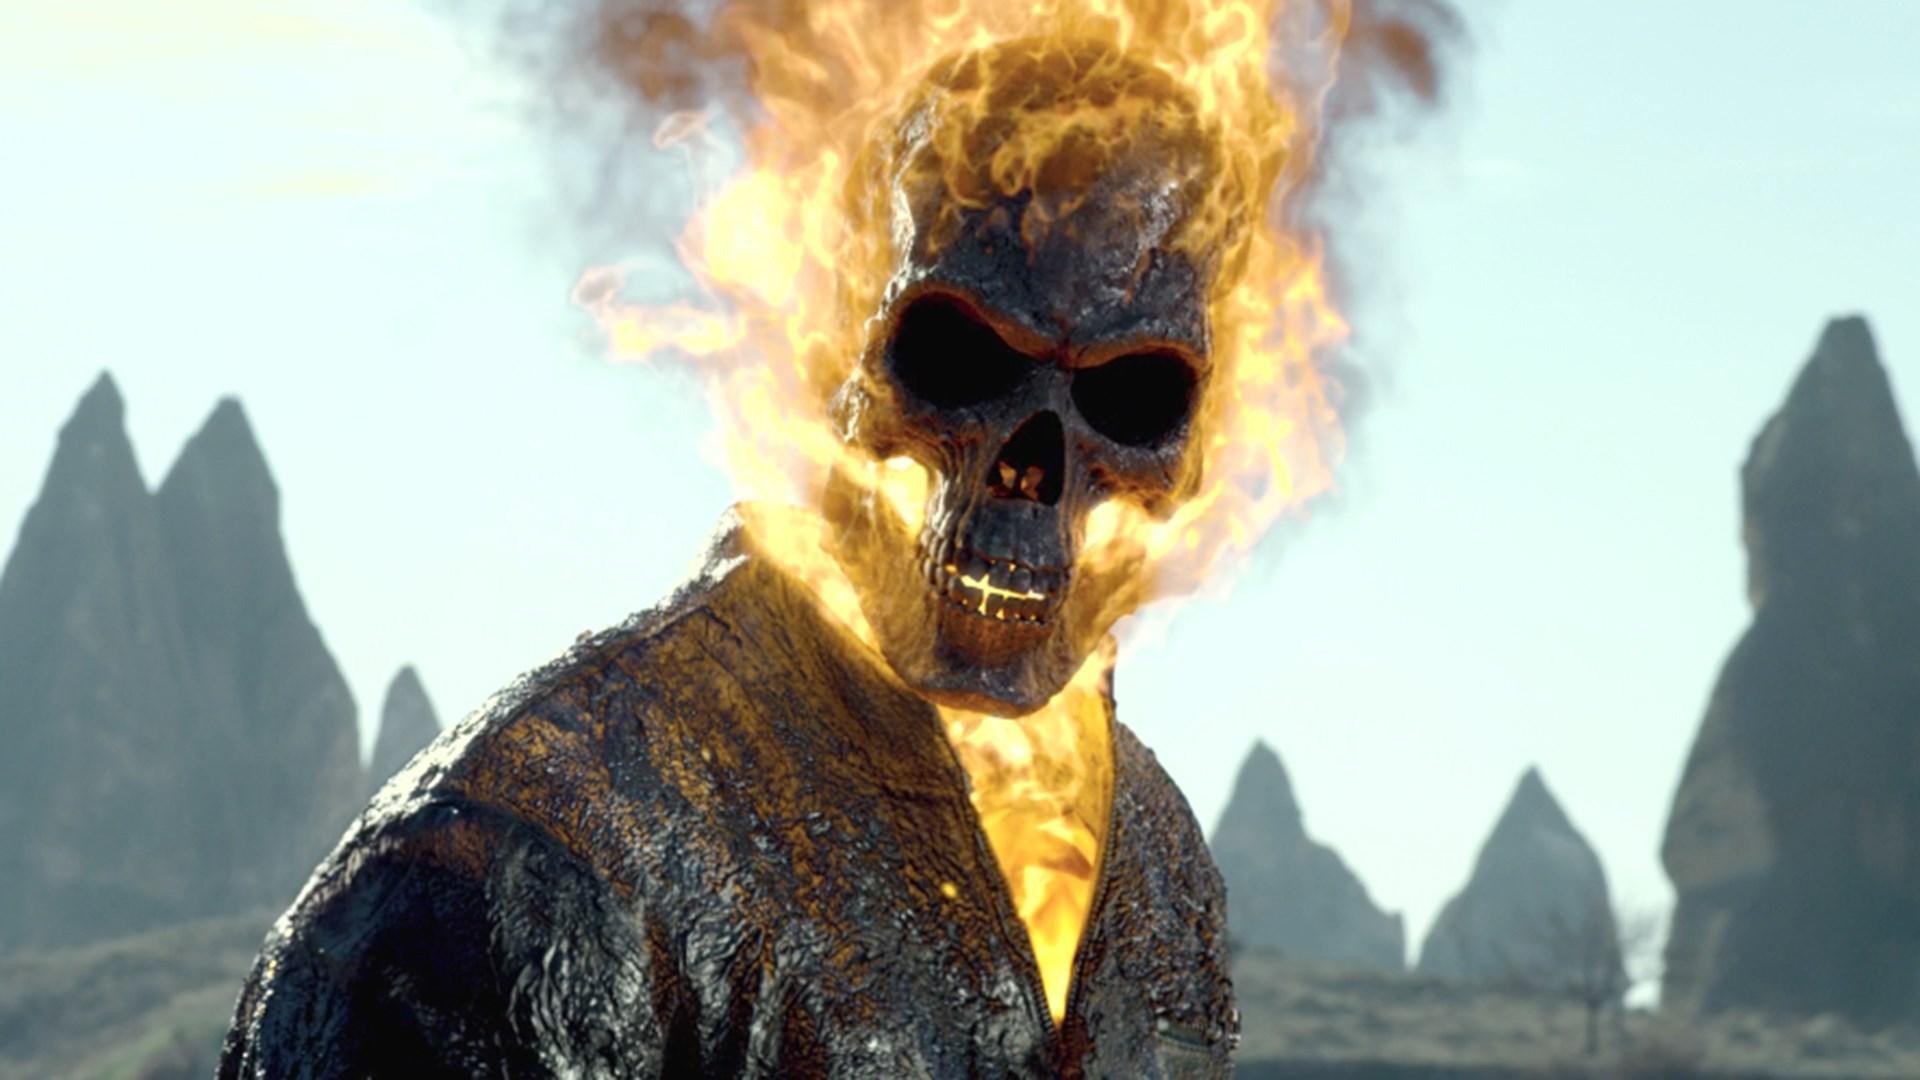 Watch Ghost Rider Spirit Of Vengeance Online Free Crackle